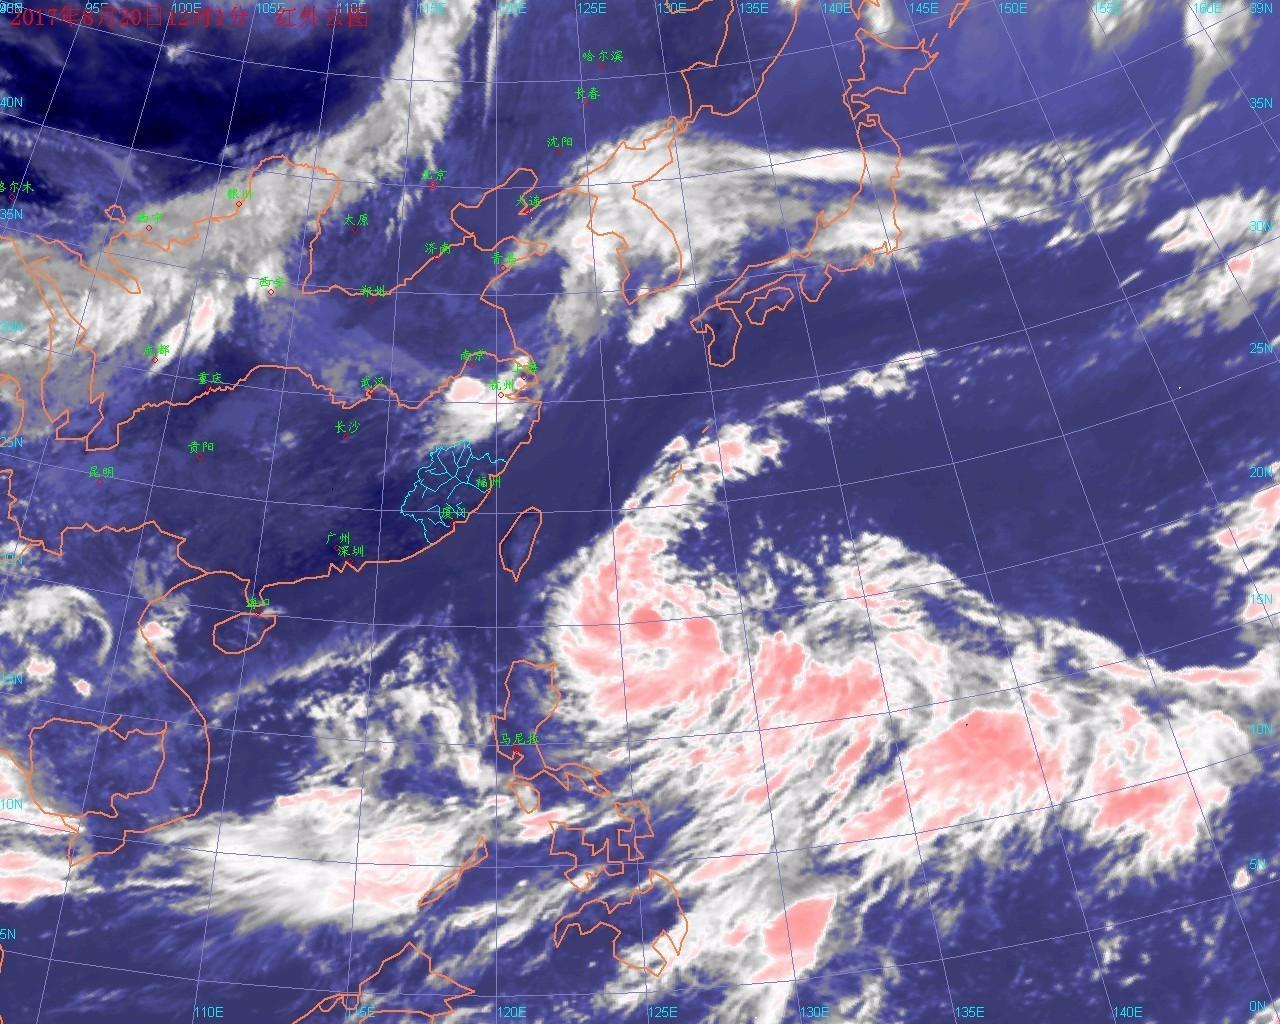 台风最新消息2017年:台风天鸽明天将登广东沿海